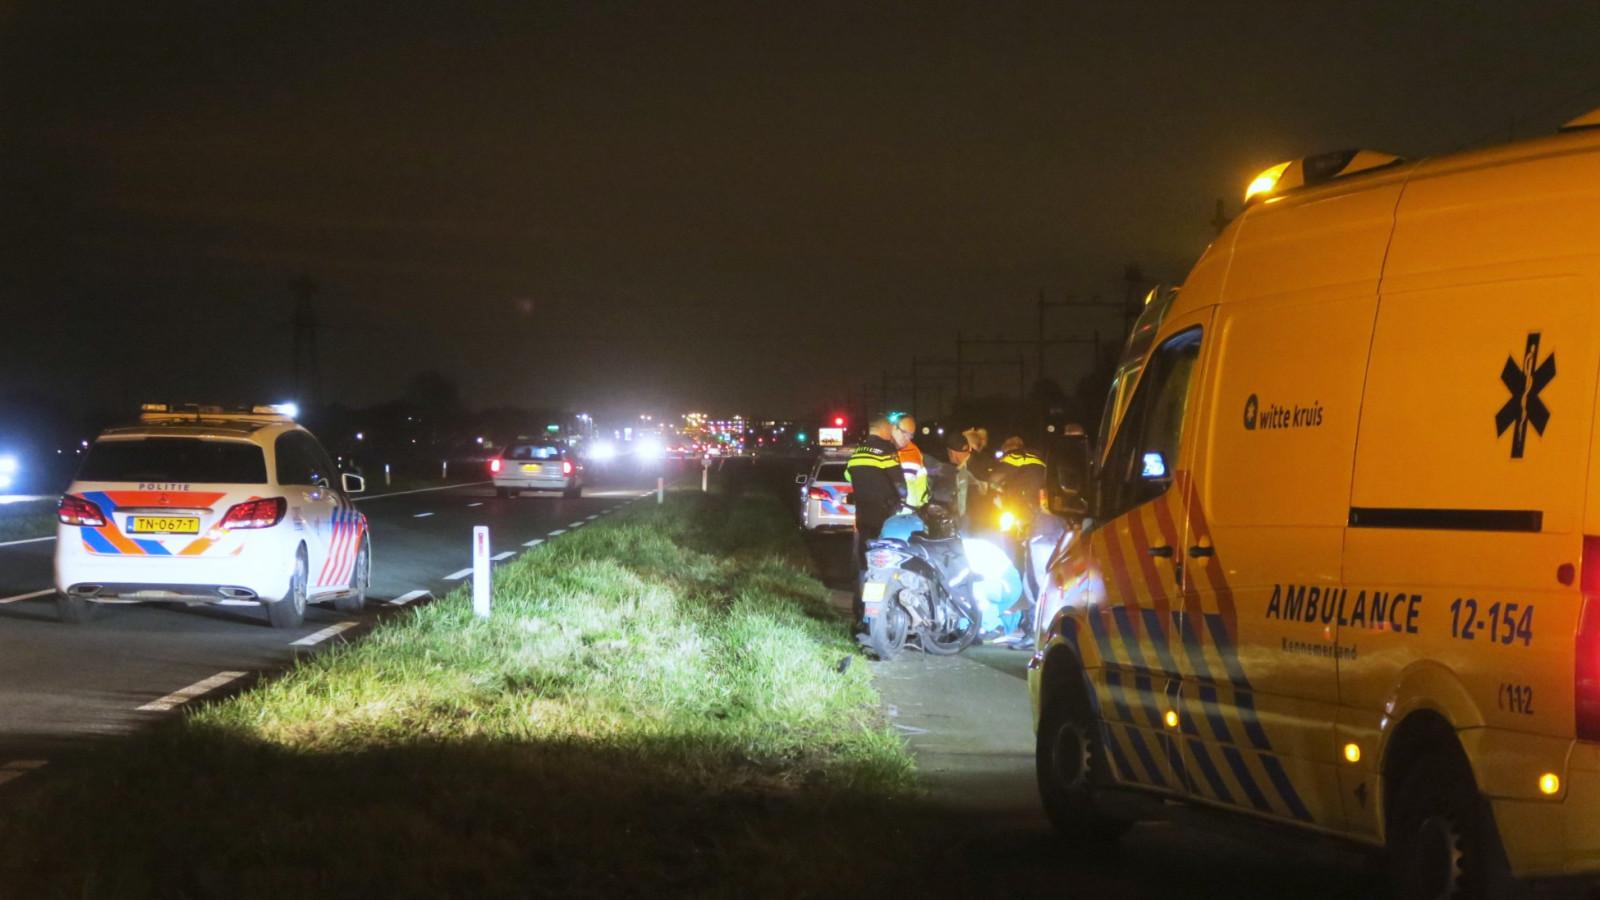 Wandelaar gewond bij aanrijding met scooter op dodenweg bij Uitgeest.